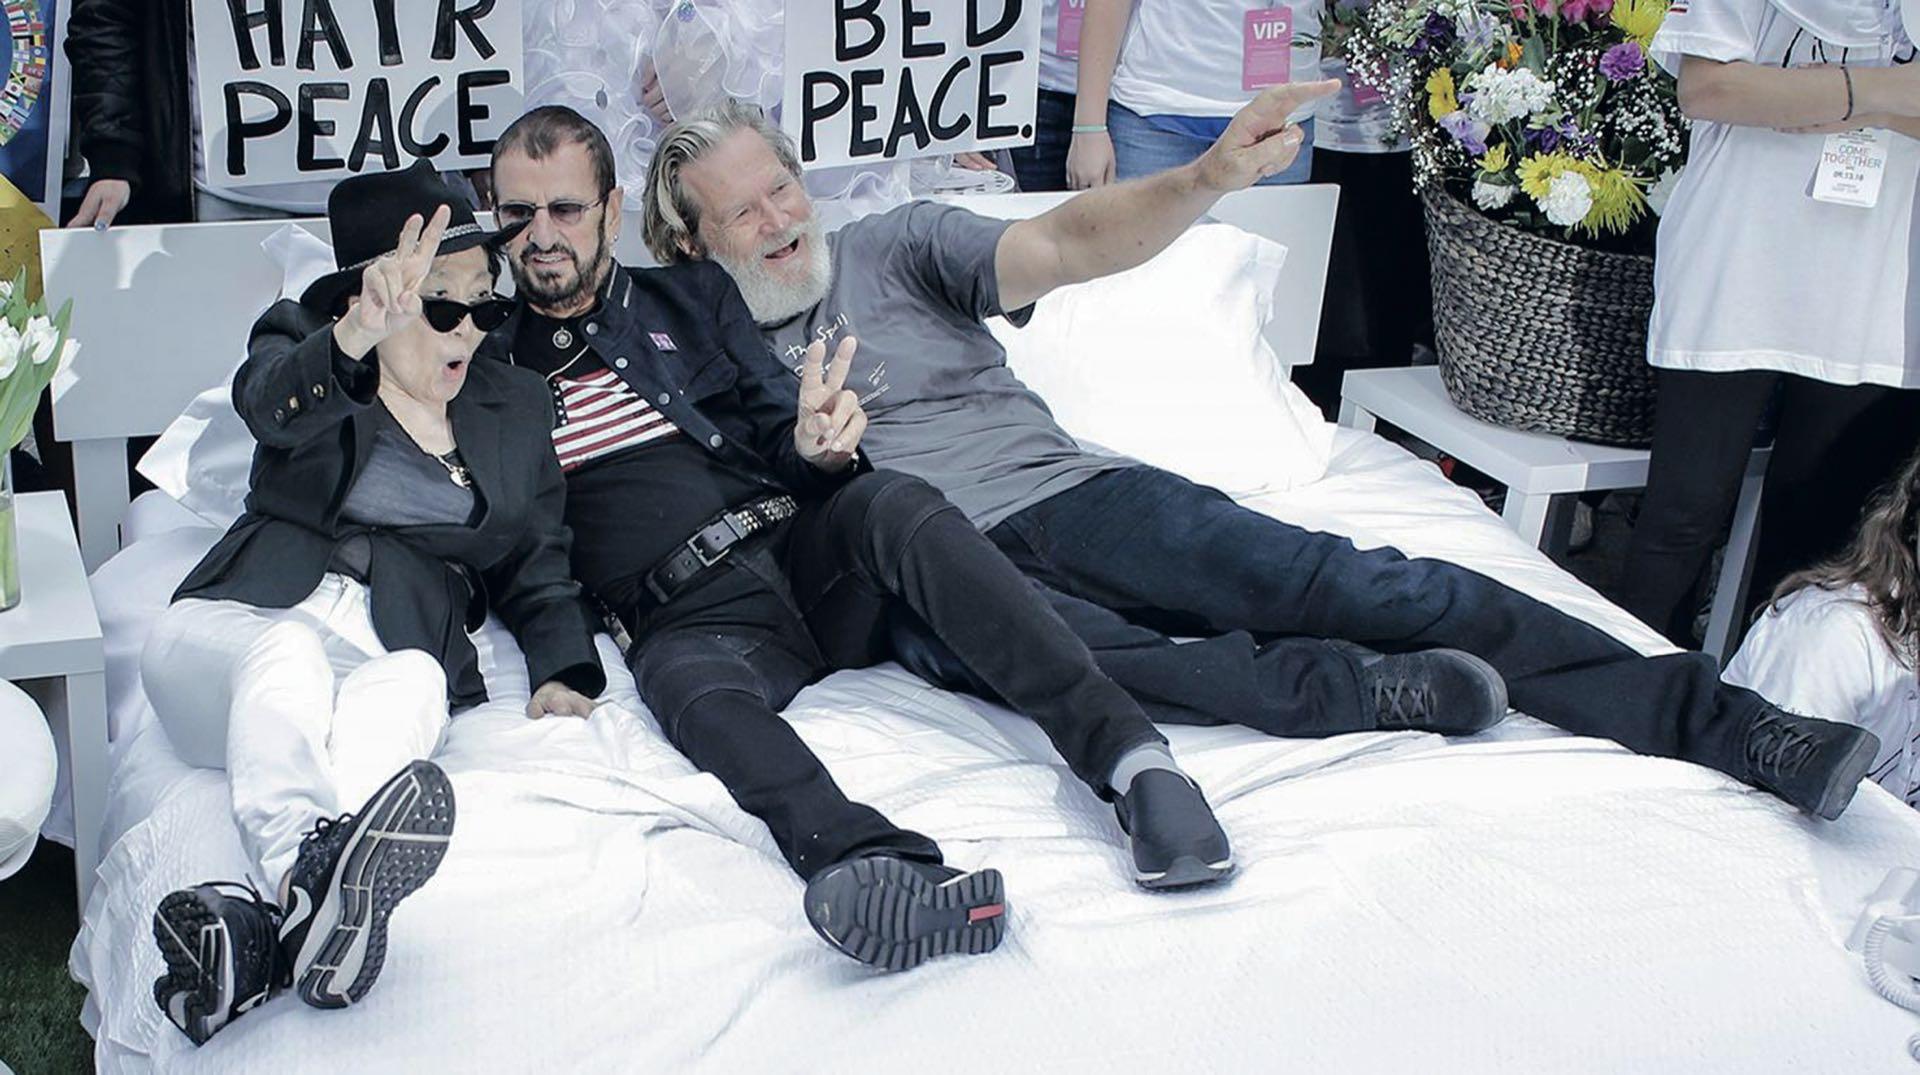 """En septiembre de 2018, antes de memorarse las cinco décadas de ambas """"Acuéstate por la paz"""", la viuda –que el 18 de febrero cumplió 86– decidió recrearlas sobre la calle de Nueva York, en el marco del viaje de un autobús educativo que recorre el mundo impulsando las artes entre los jóvenes. La acompañaron Ringo Starr y el actor Jeff Bridges."""